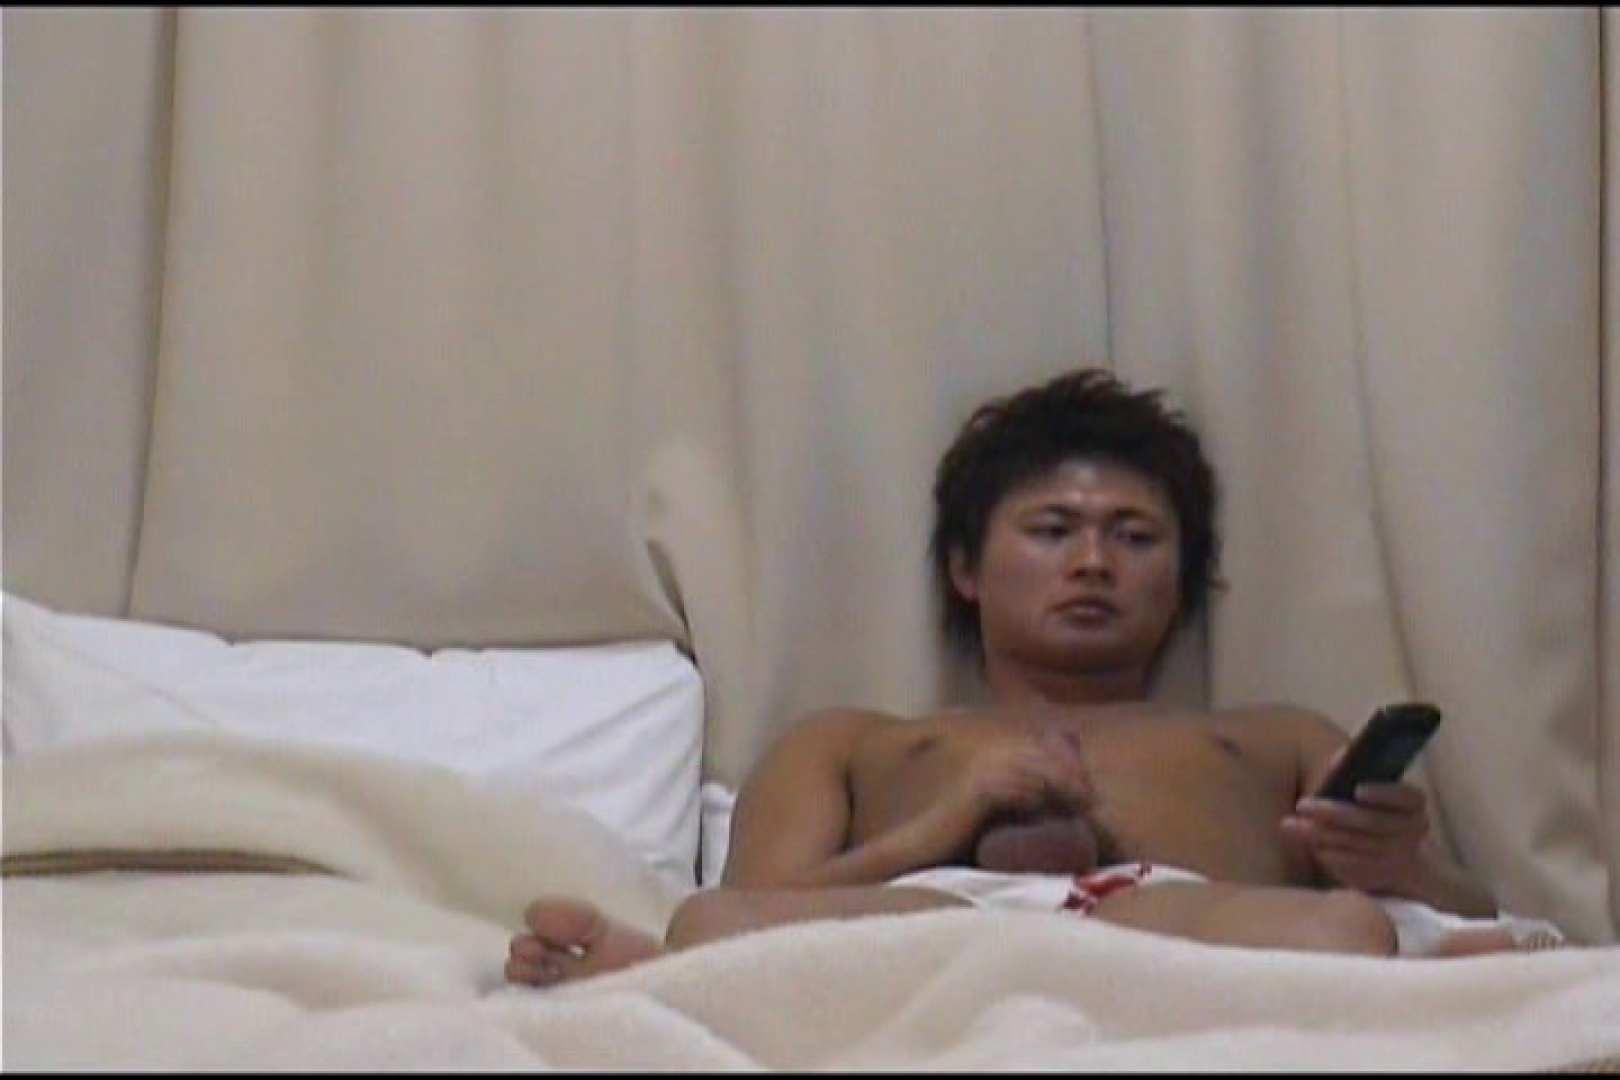 目線解禁!ノンケイケメン自慰行為編特集!VOL.01 裸男子 ゲイ無修正動画画像 107枚 7